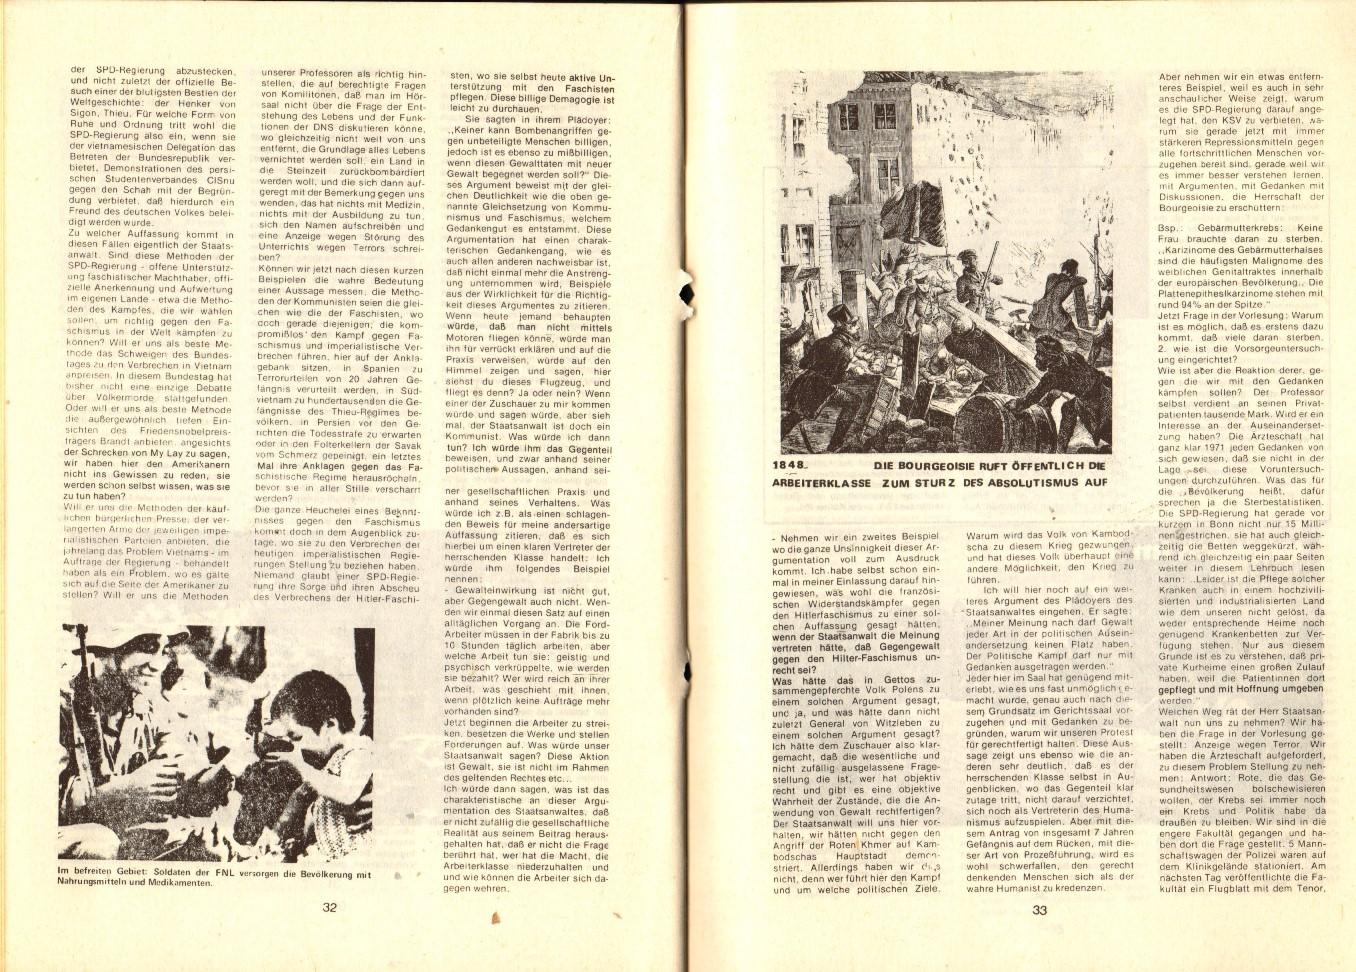 Koeln_RHeV_1975_Der_Koelner_Vietnamprozess_19